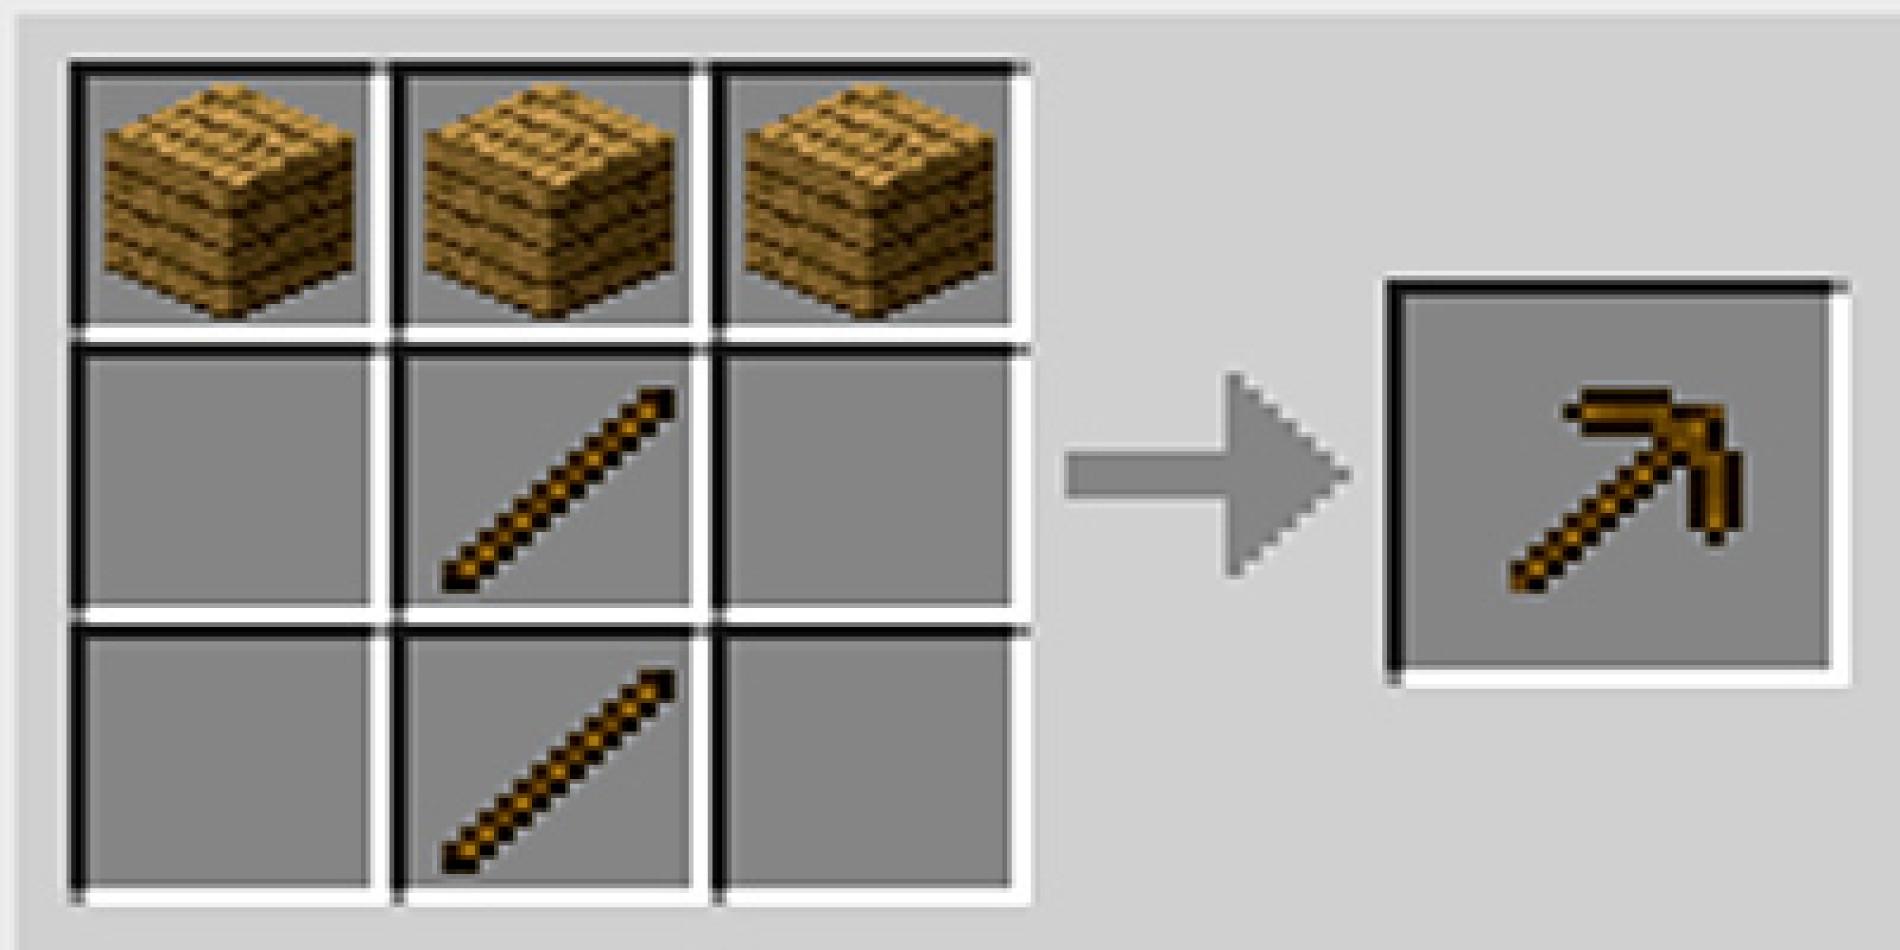 Como fazer picareta pickaxe no Minecraft